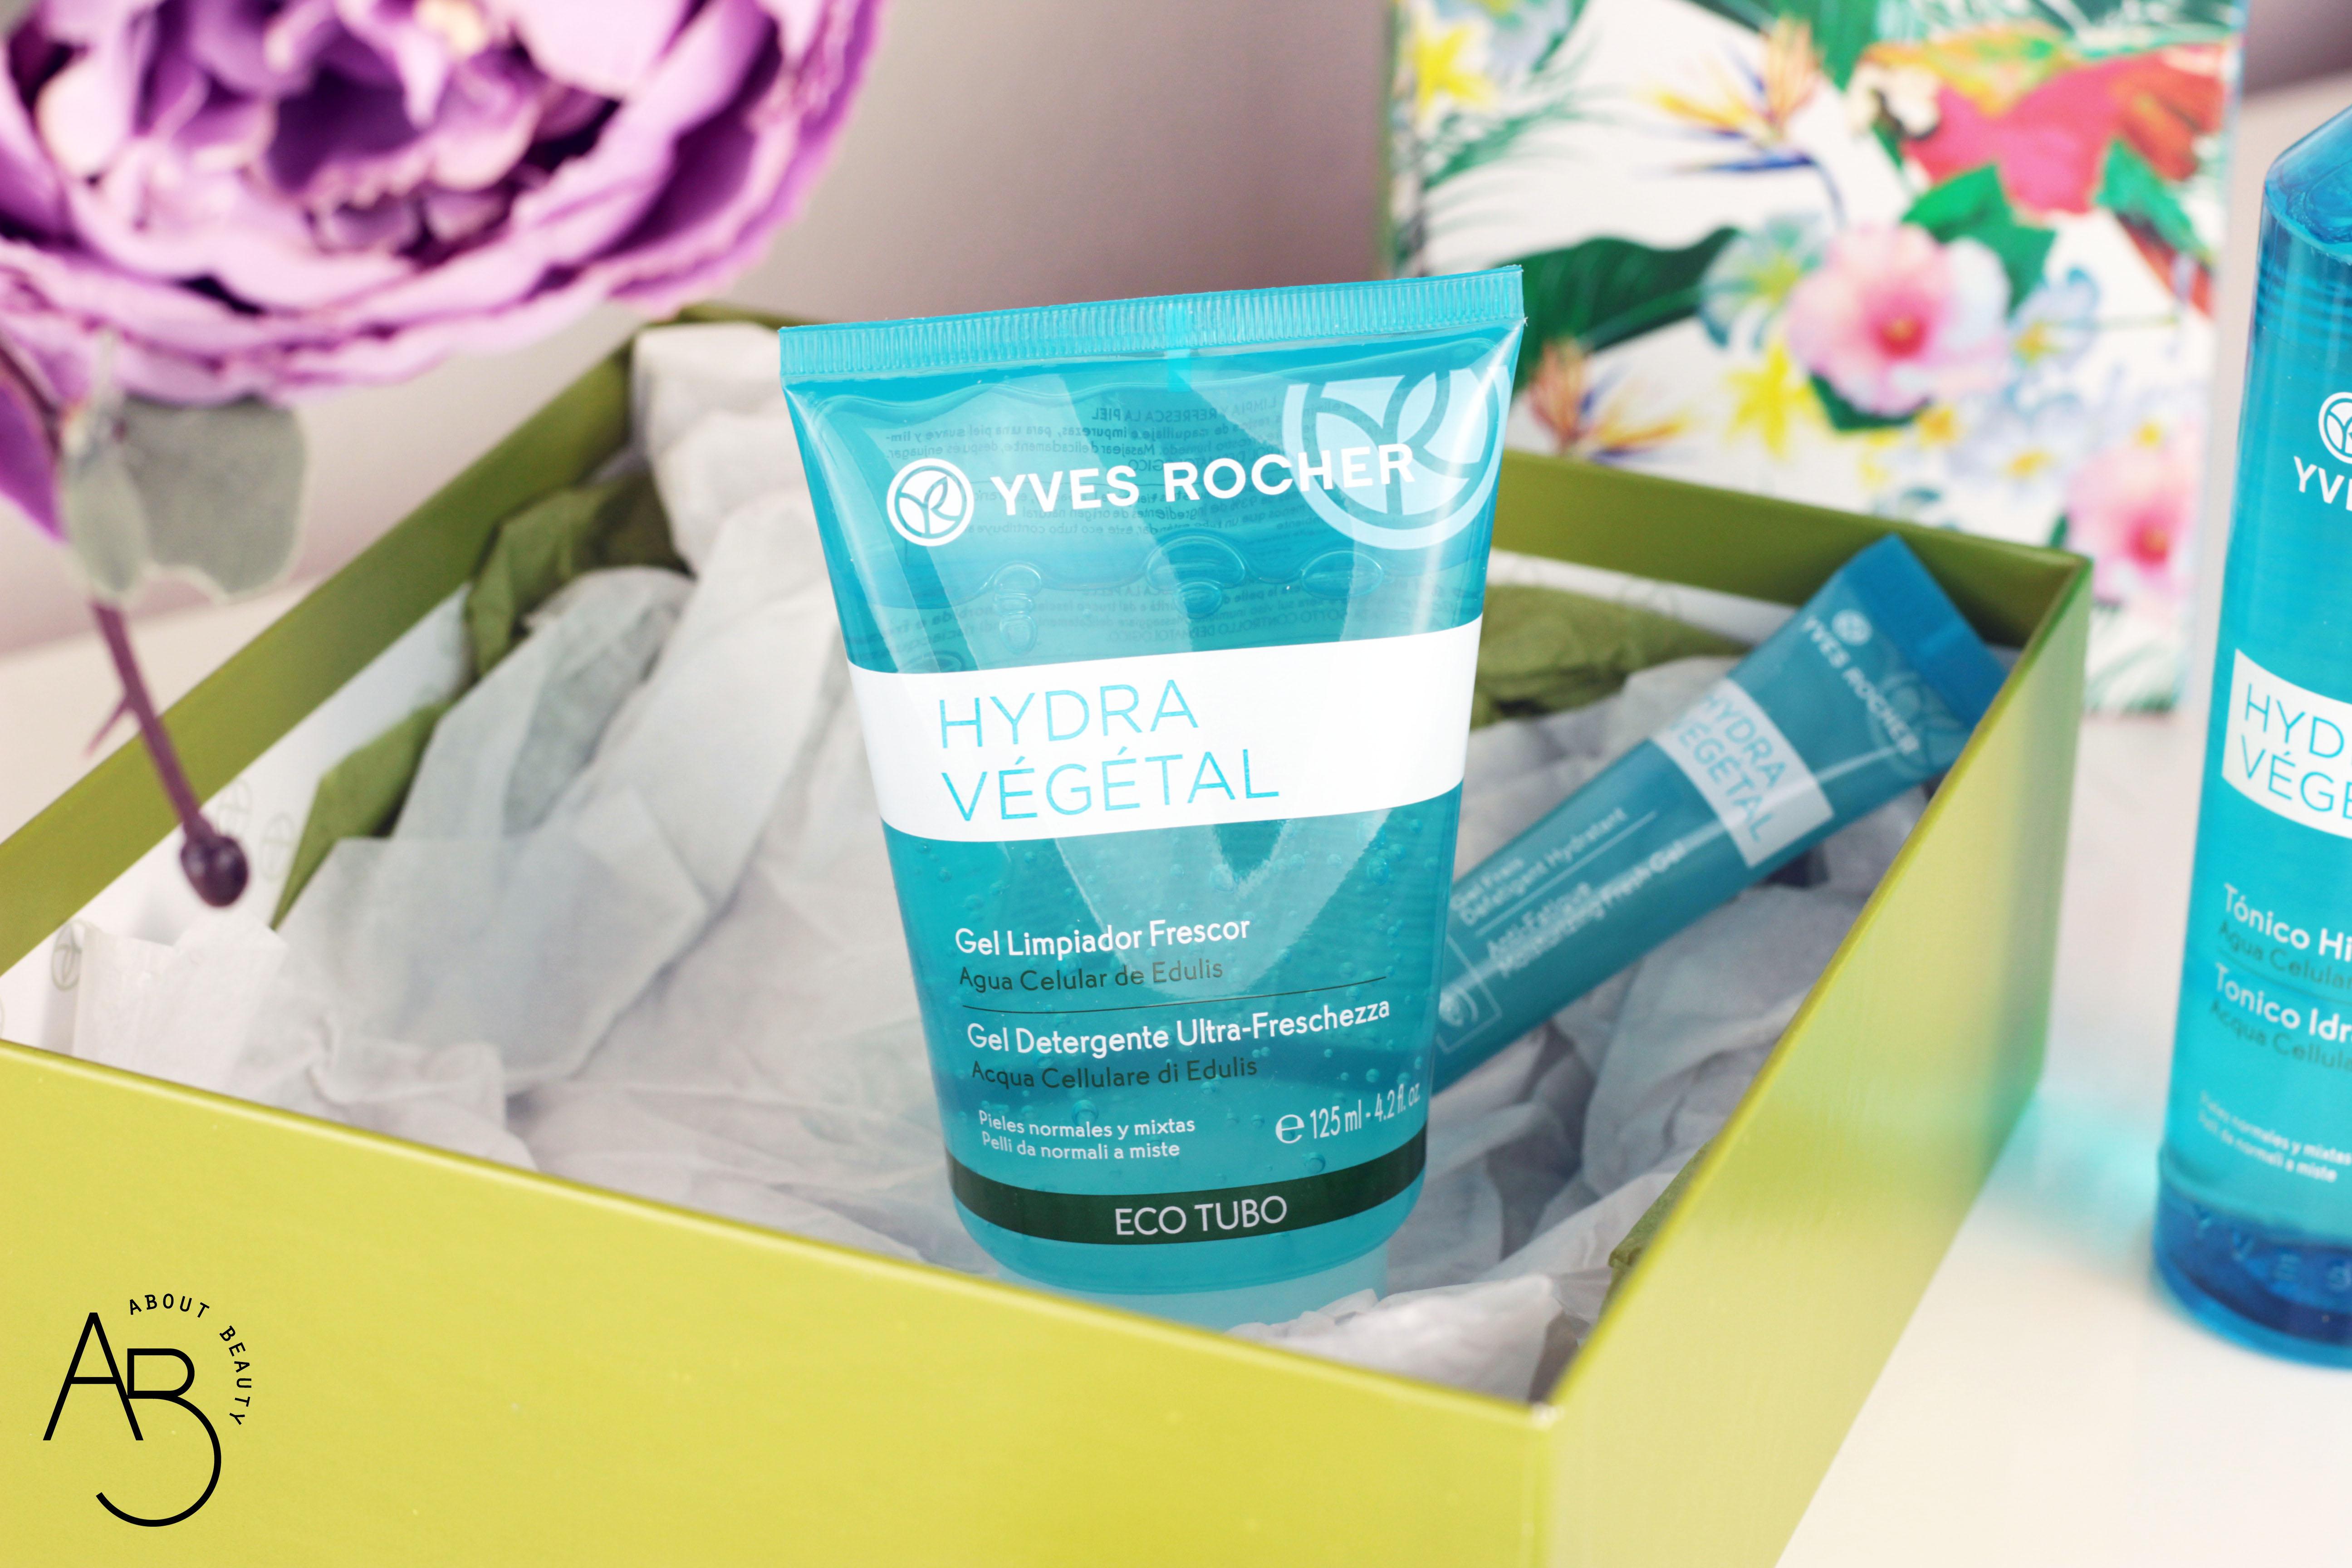 Yves Rocher Hydra Vegetal, la nuova linea idratante - Review, recensione, info, prezzo, dove acquistare, foto - Gel Detergente Ultra Freschezza